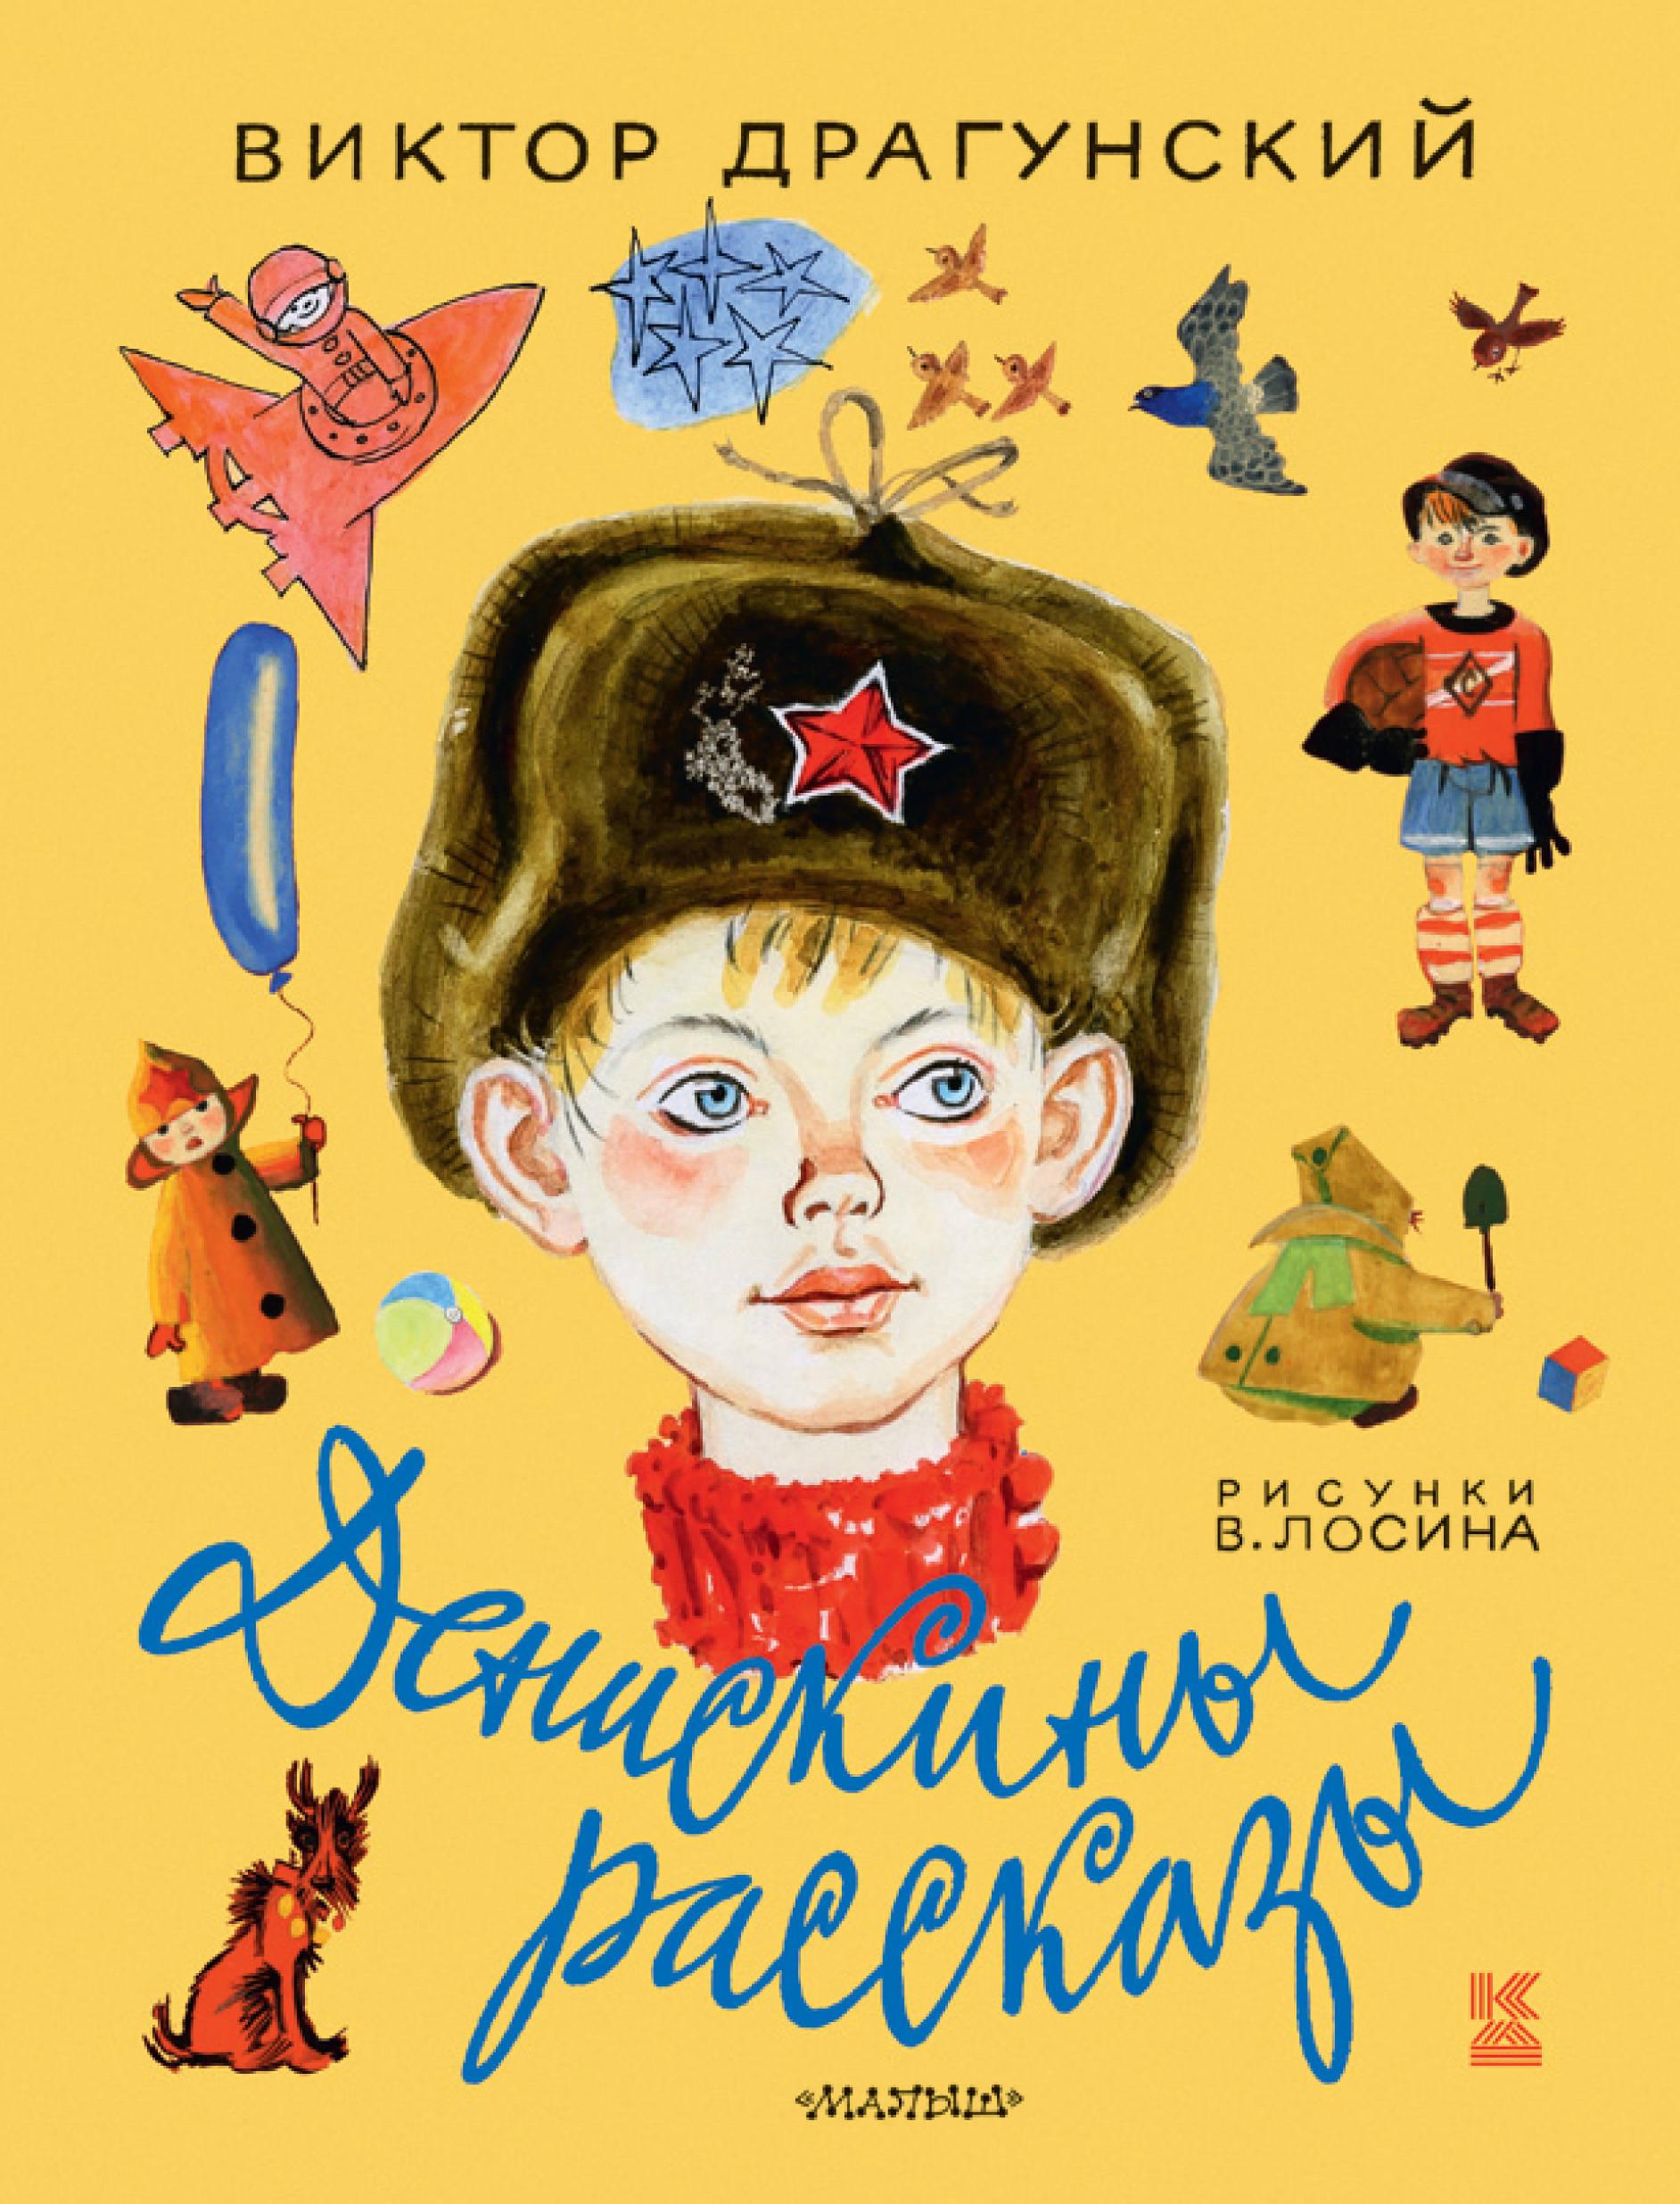 Драгунский В.Ю. Денискины рассказы самые смешные денискины рассказы